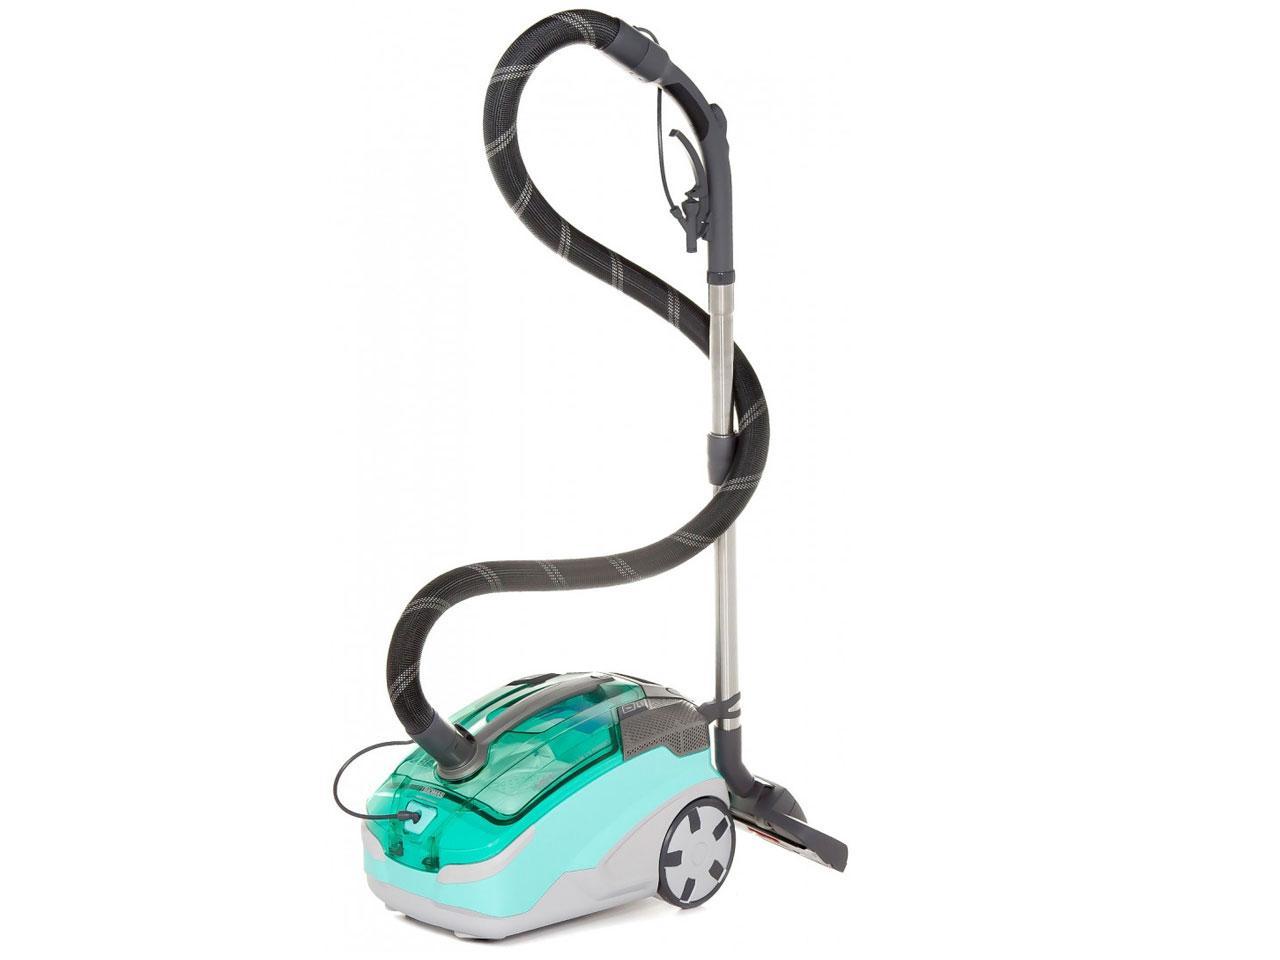 THOMAS Aqua+ Multi Clean X10 Parquett